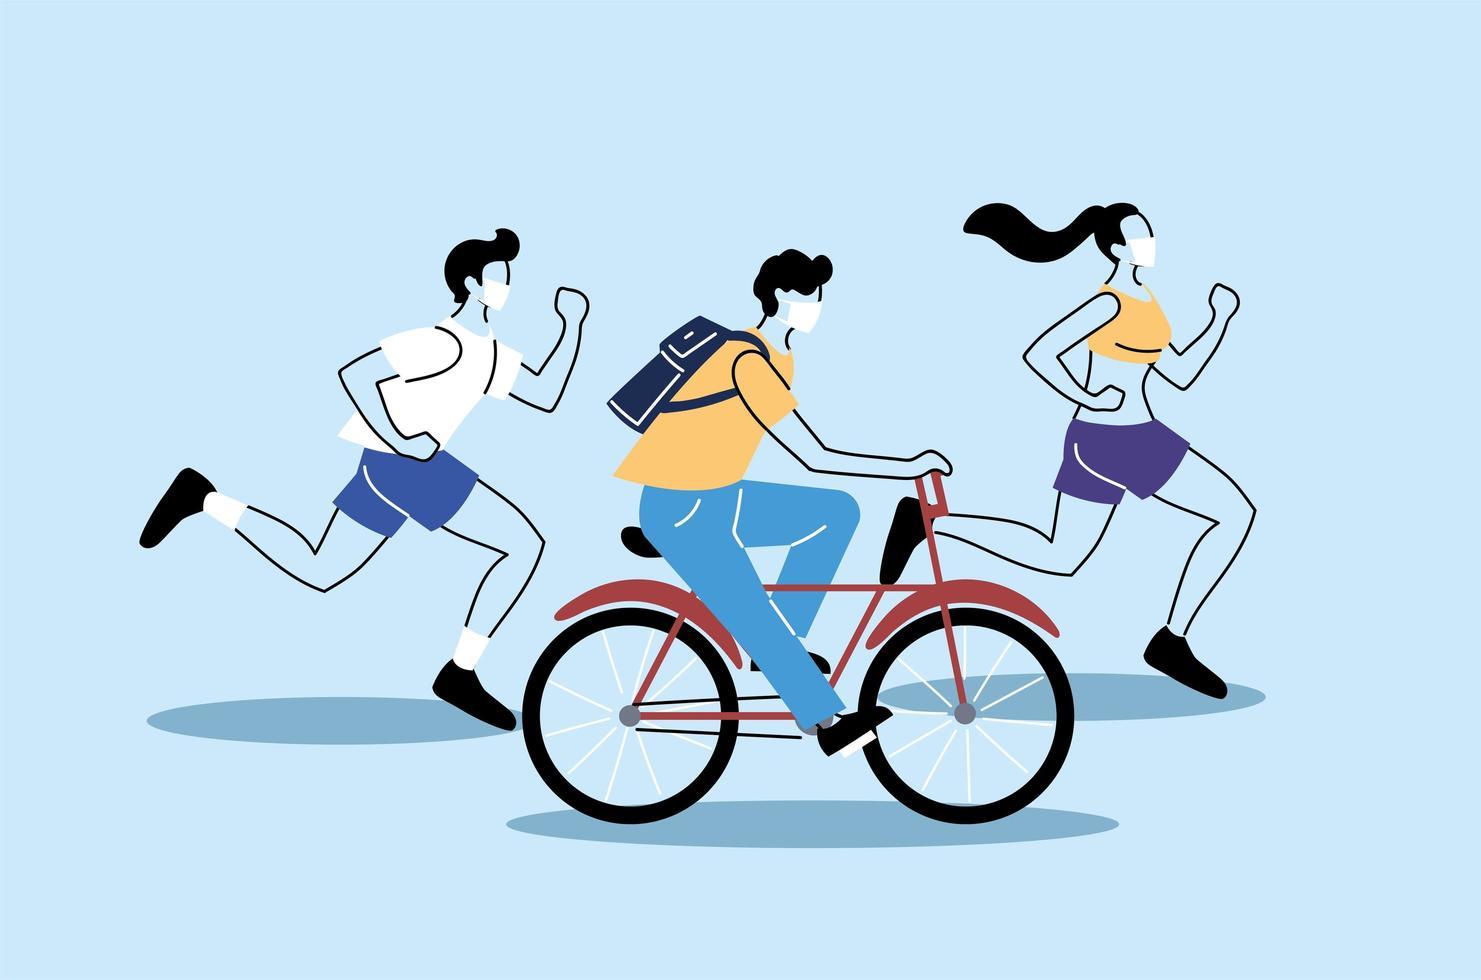 persone che fanno attività fisica, stile di vita sano e fitness vettore